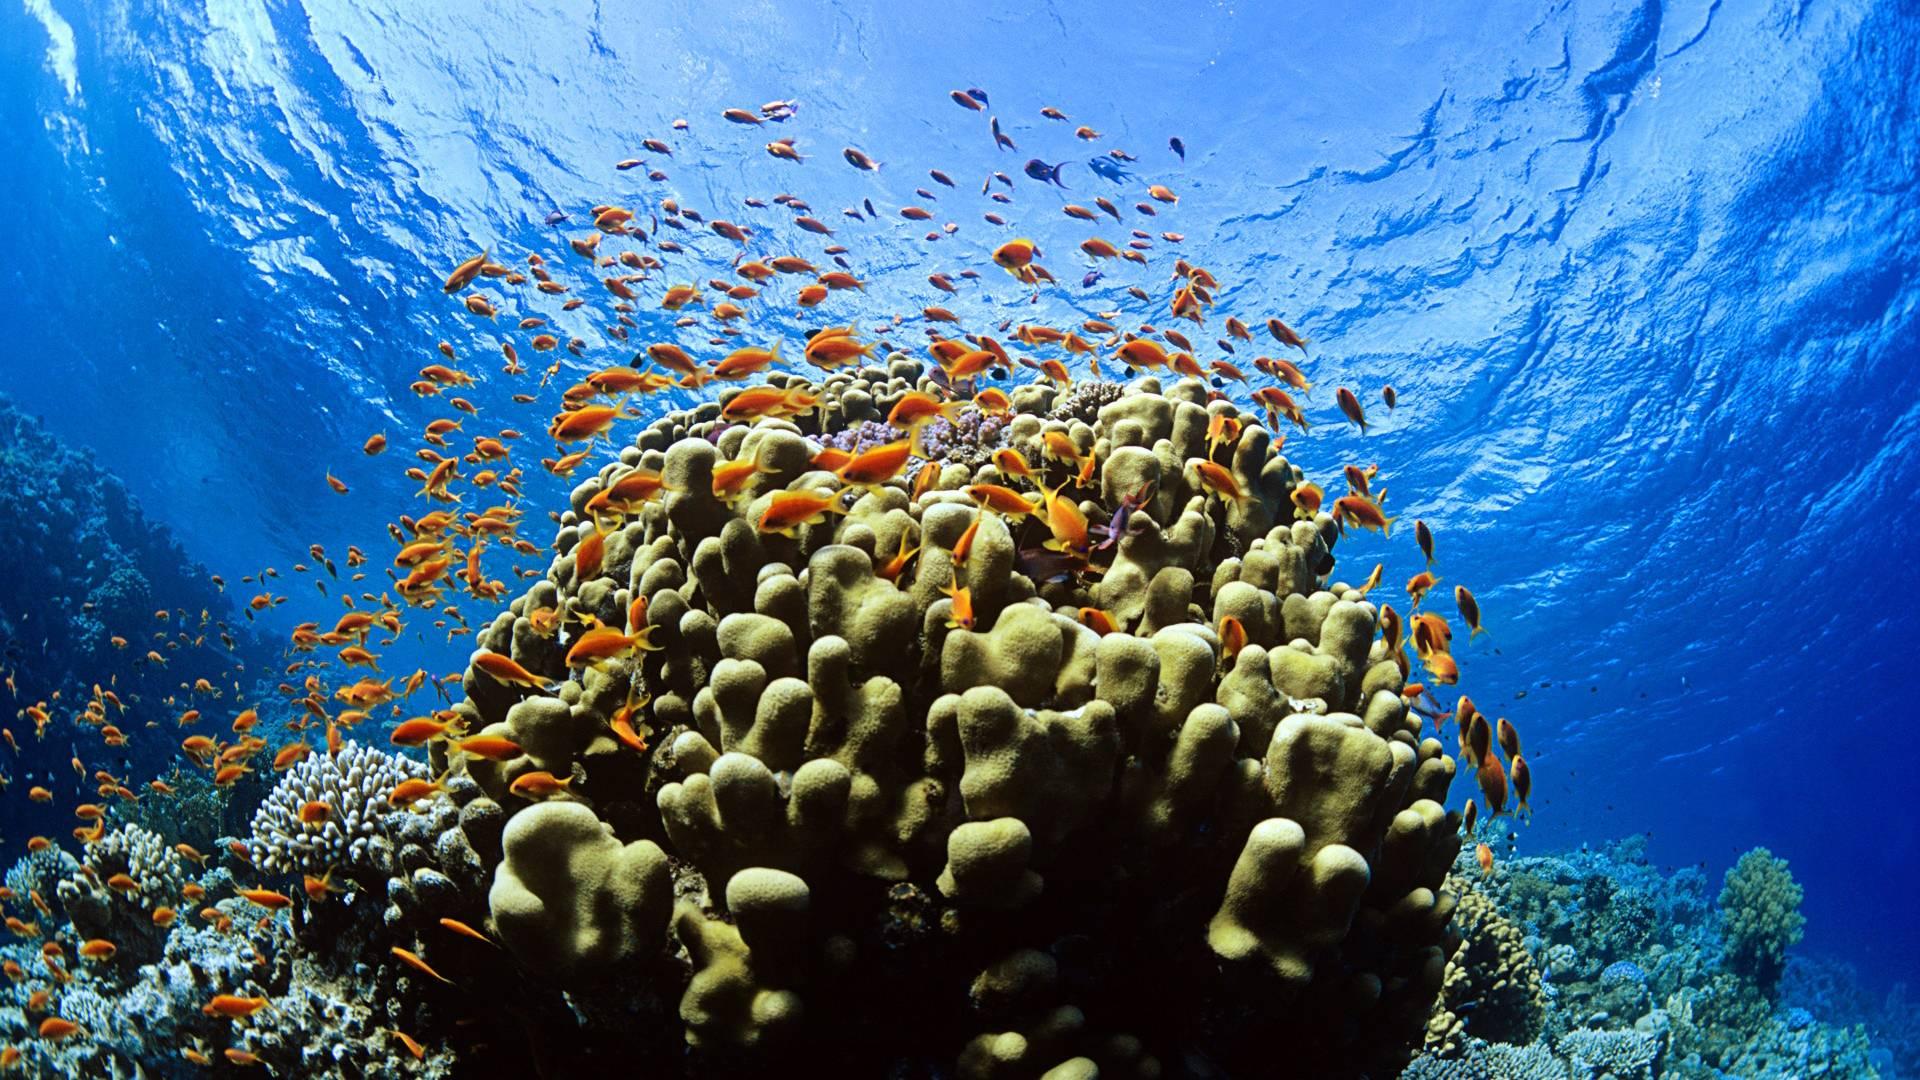 cool underwater pics